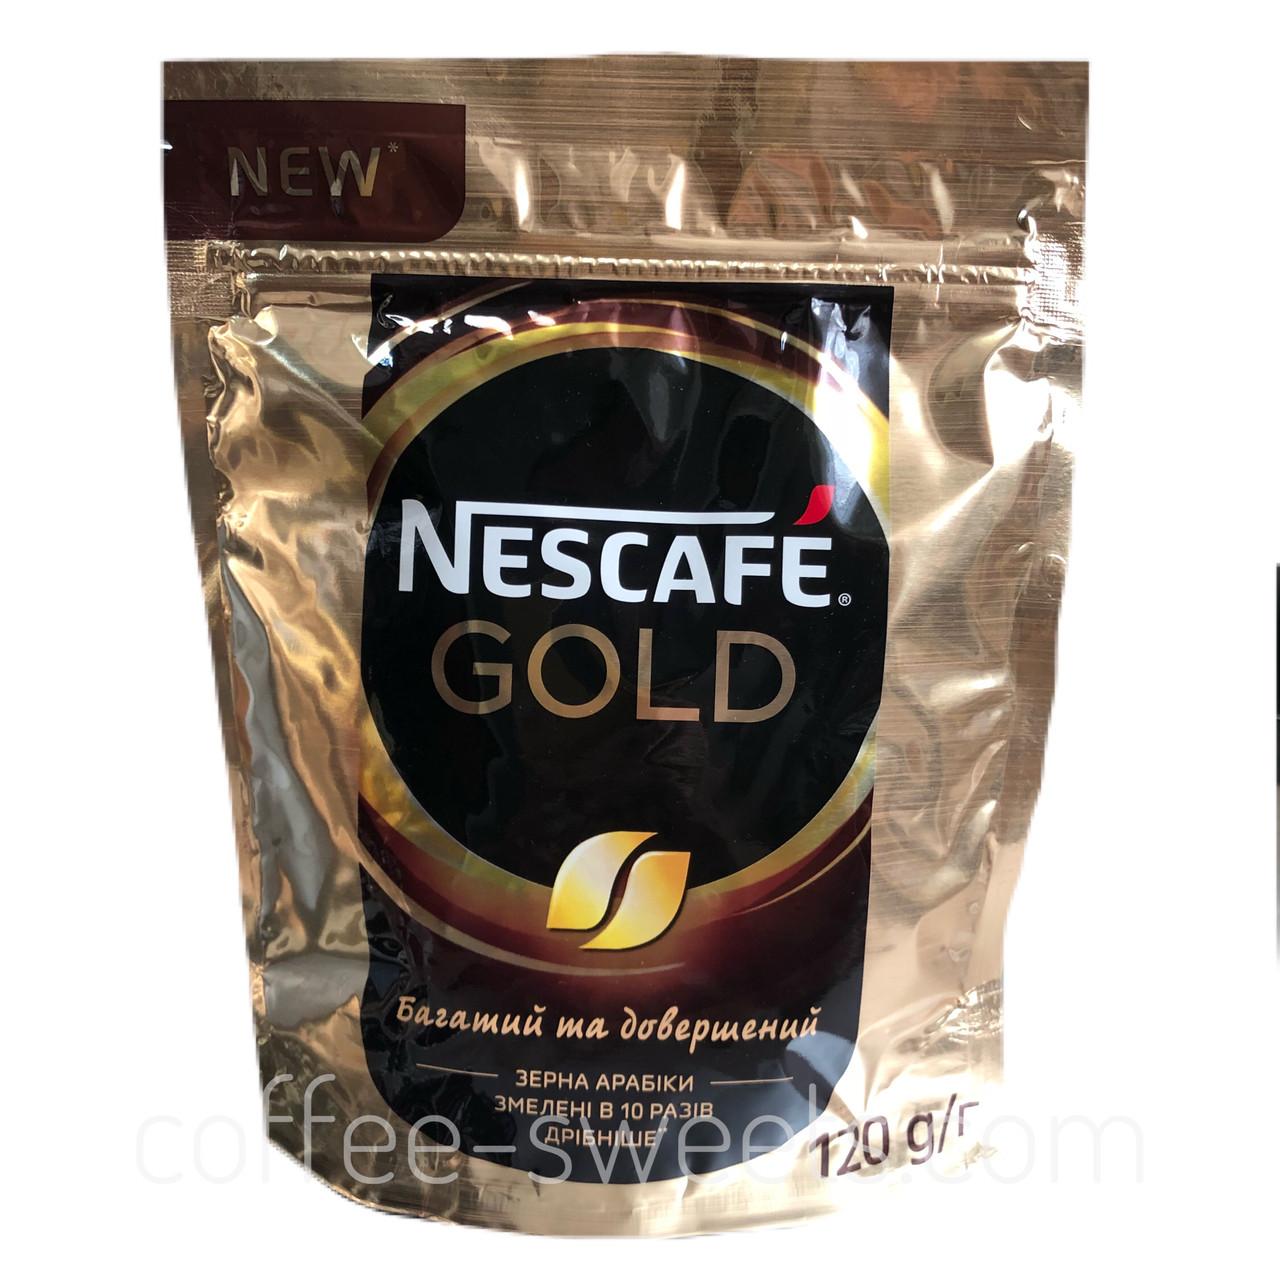 Кофе растворимый Nescafe Gold 120g